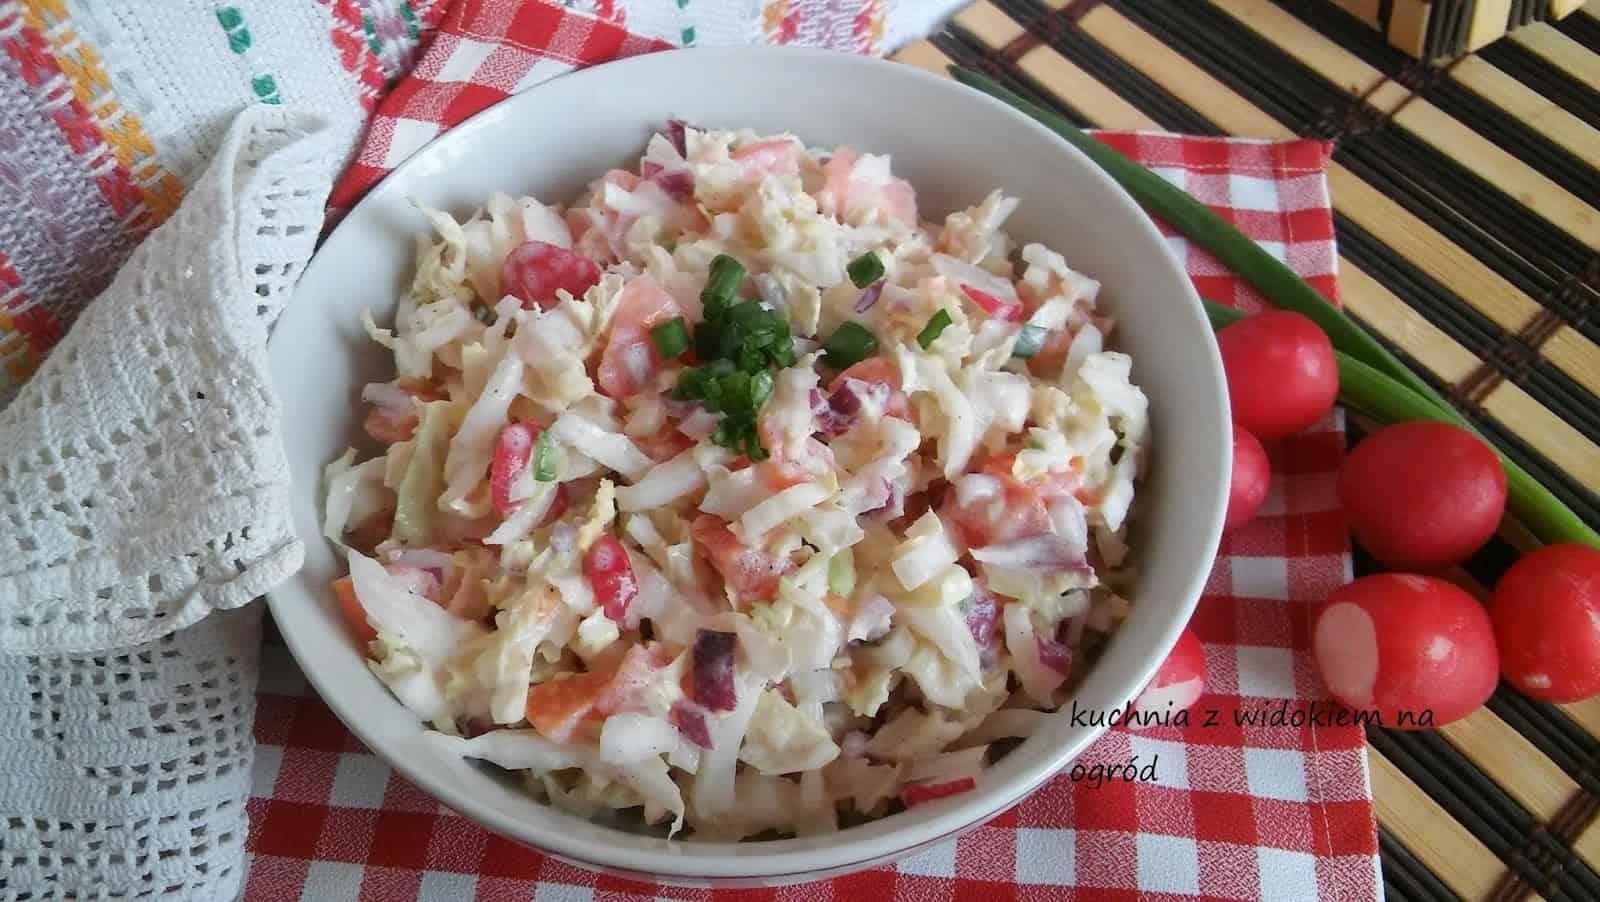 Surówka obiadowa z kapusty pekińskiej z pomidorem w śmietanie.